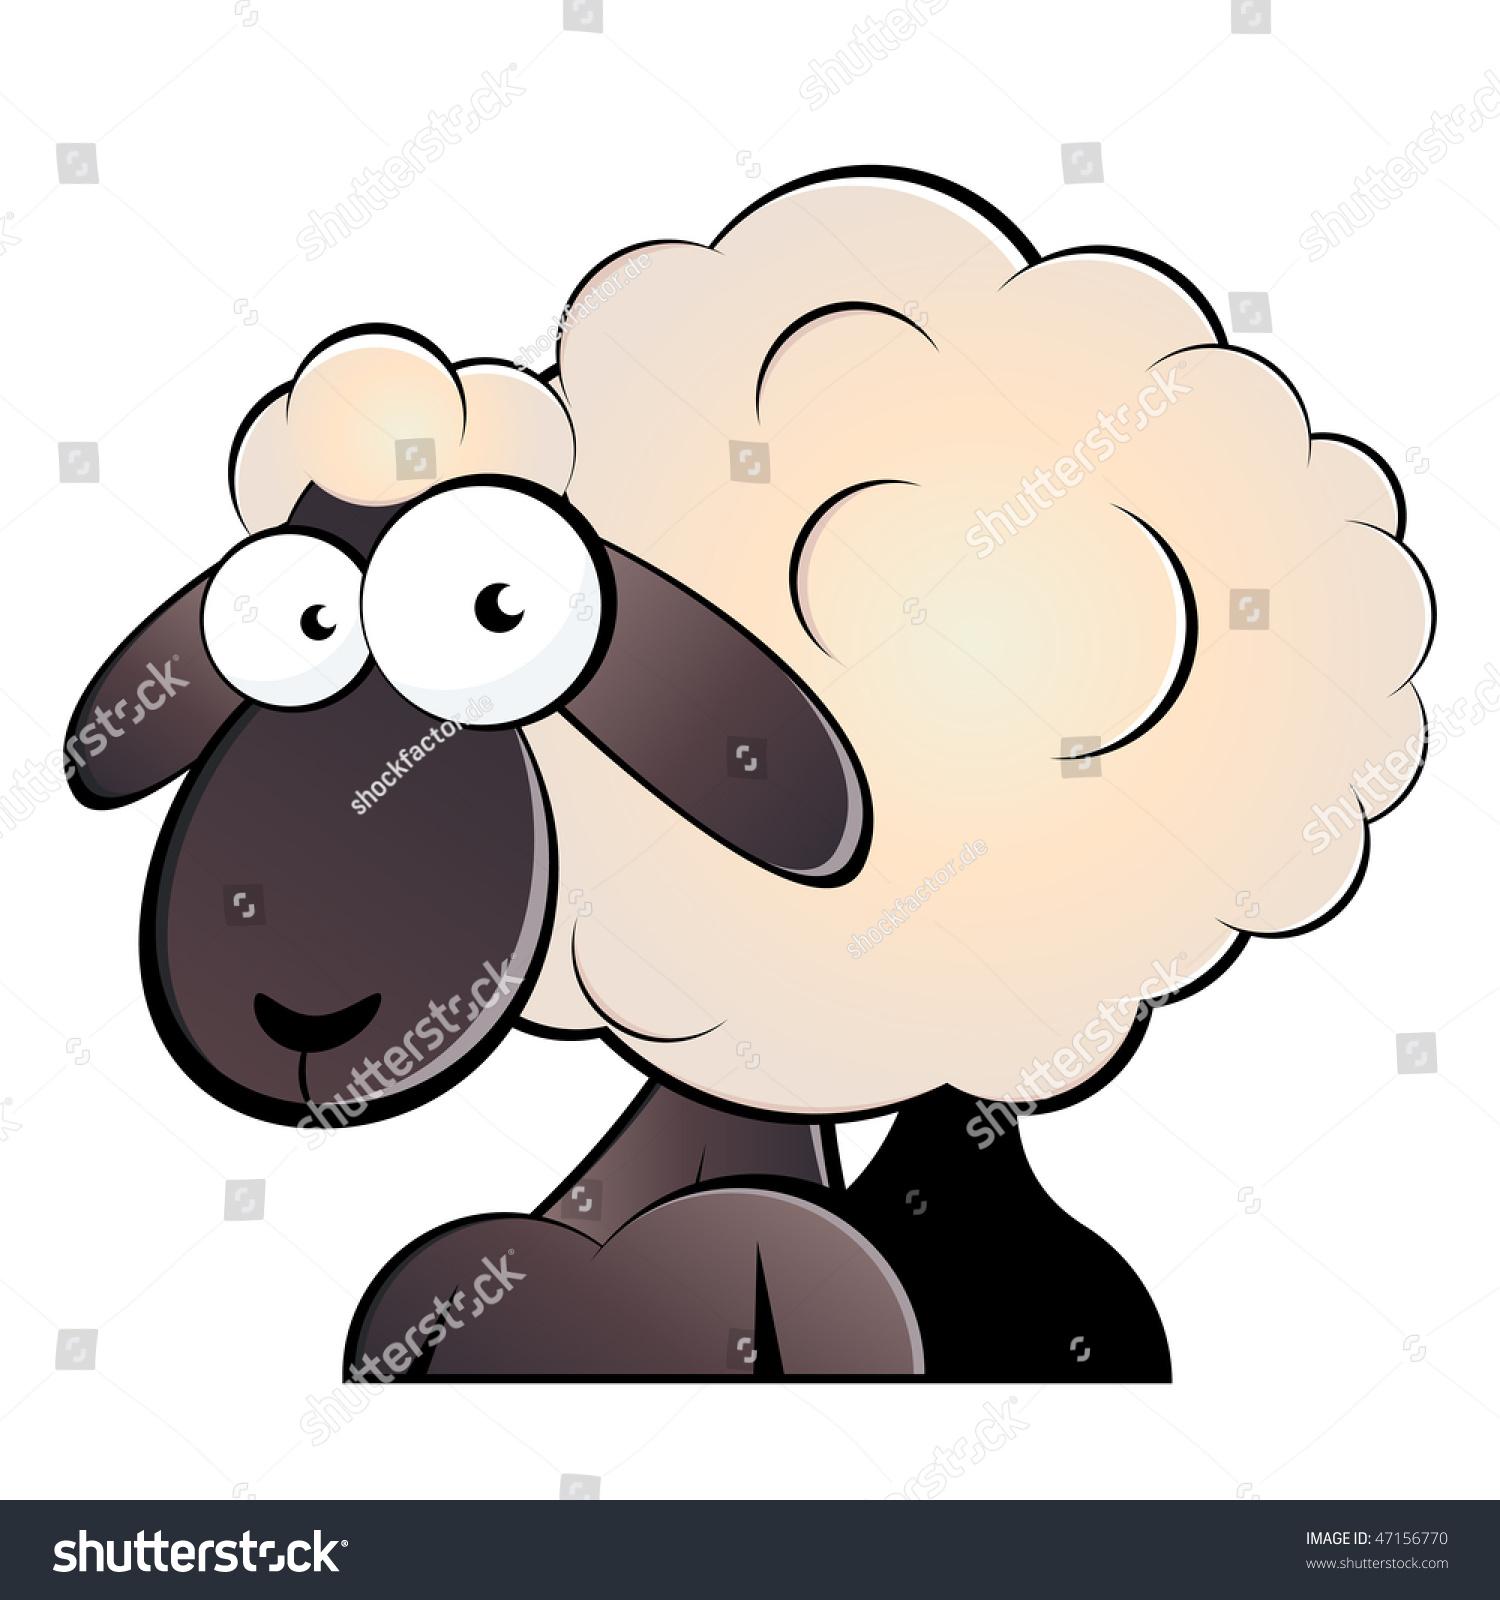 有趣的卡通绵羊-动物/野生生物